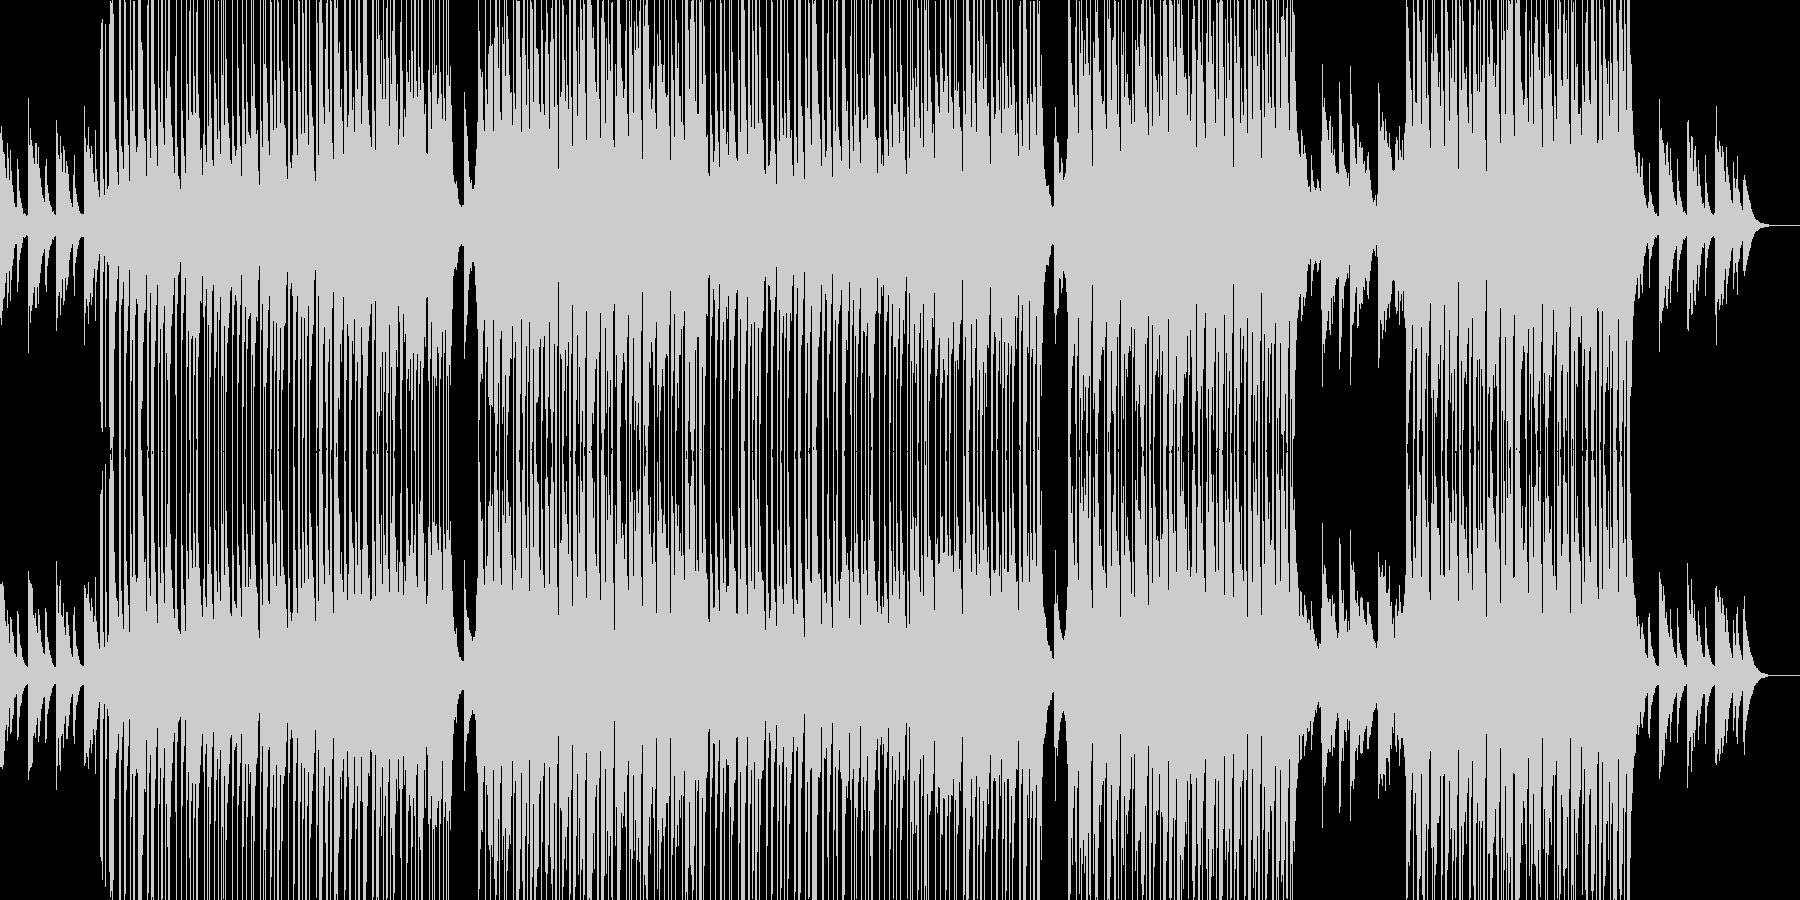 落ち着いた切ない感じのR&B曲の未再生の波形